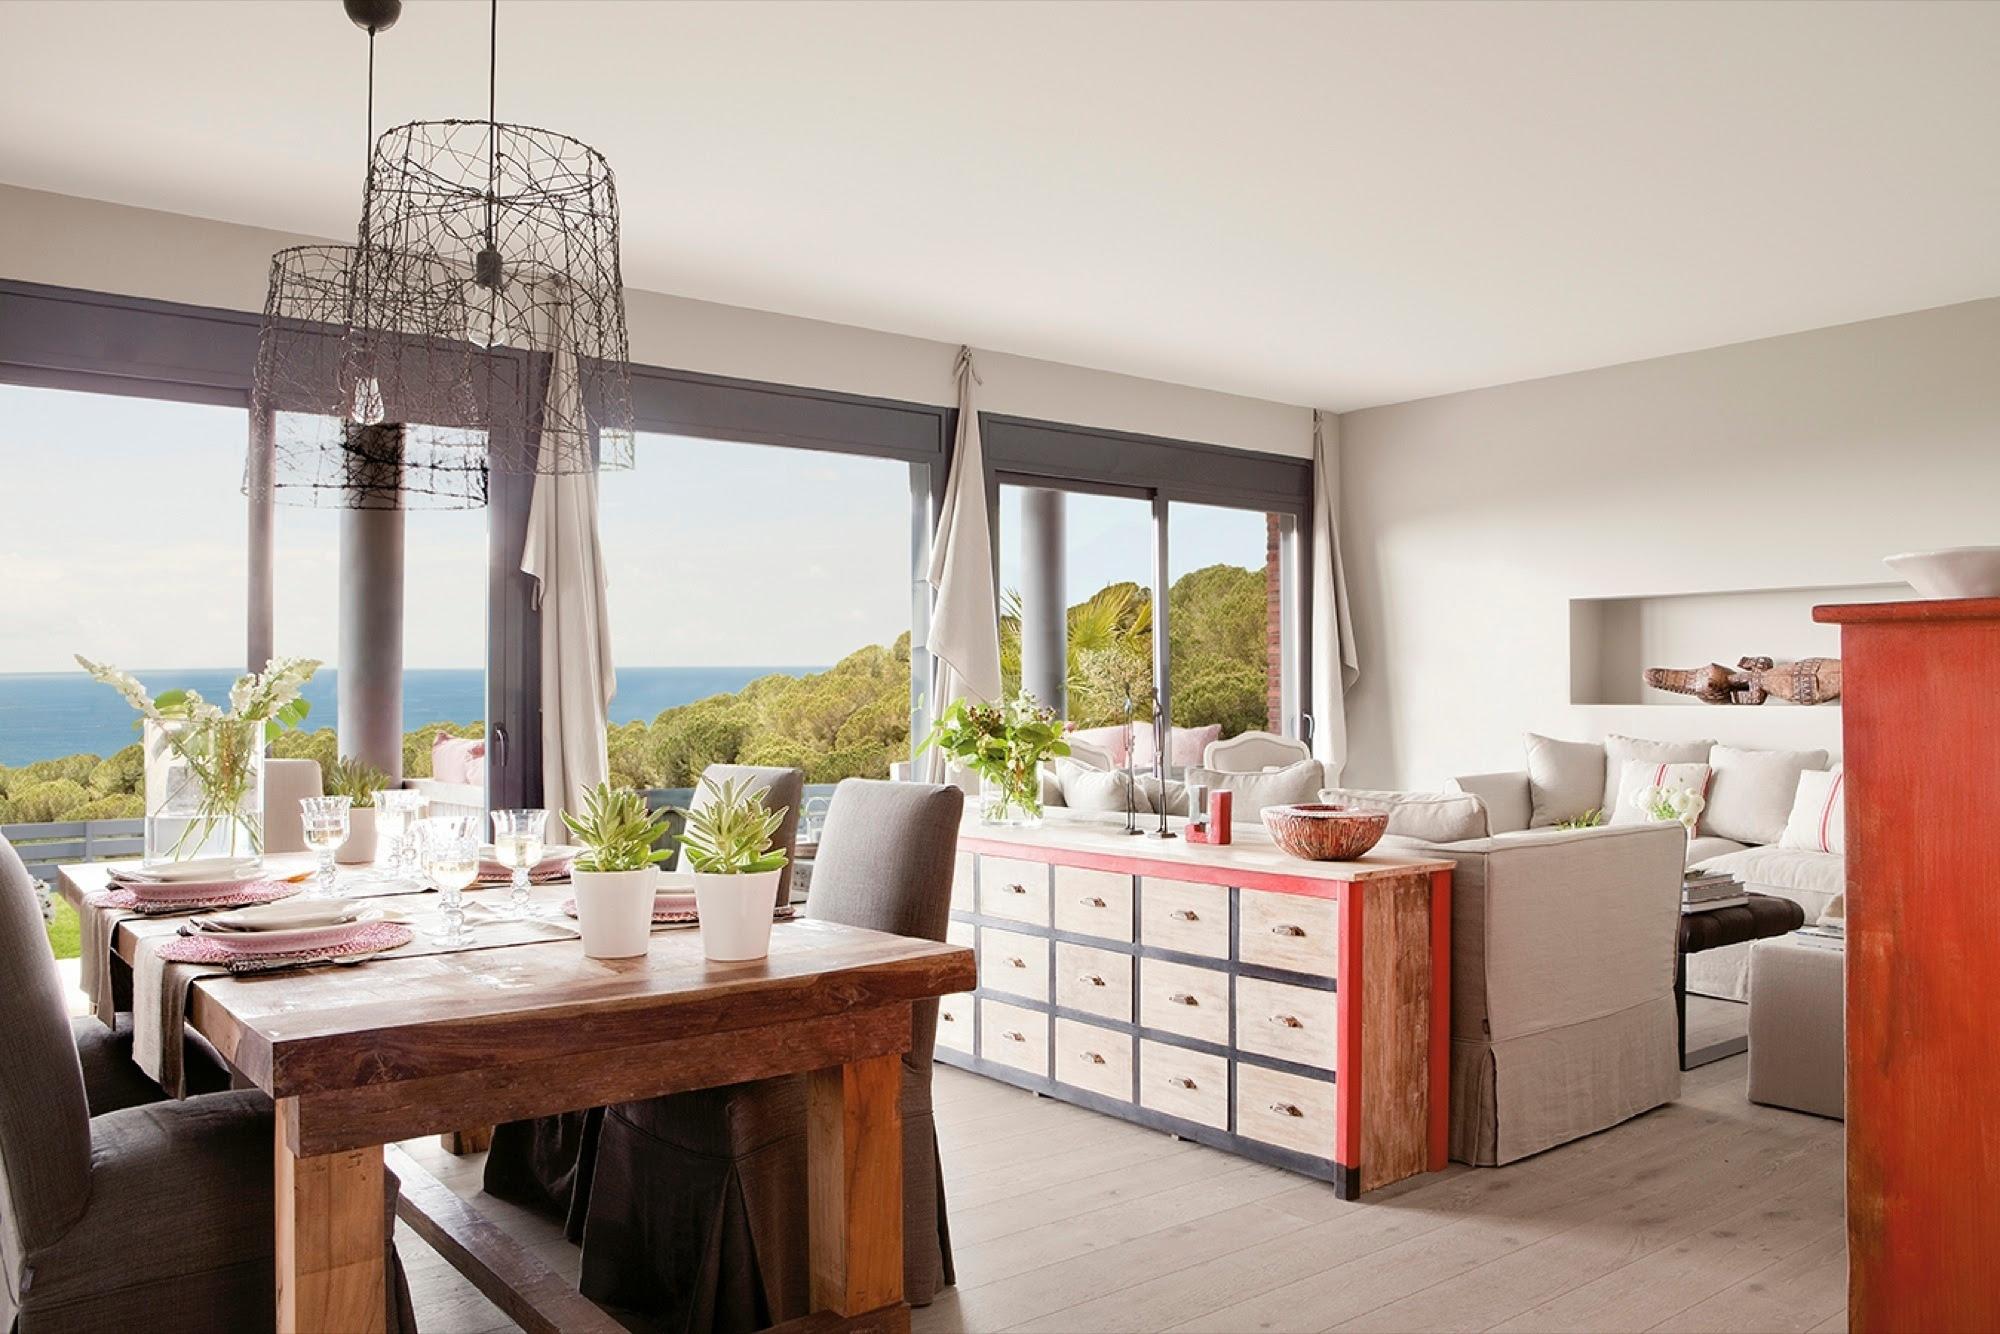 Salón y comedor con vistas al mar y muebles de madera  (00300479)